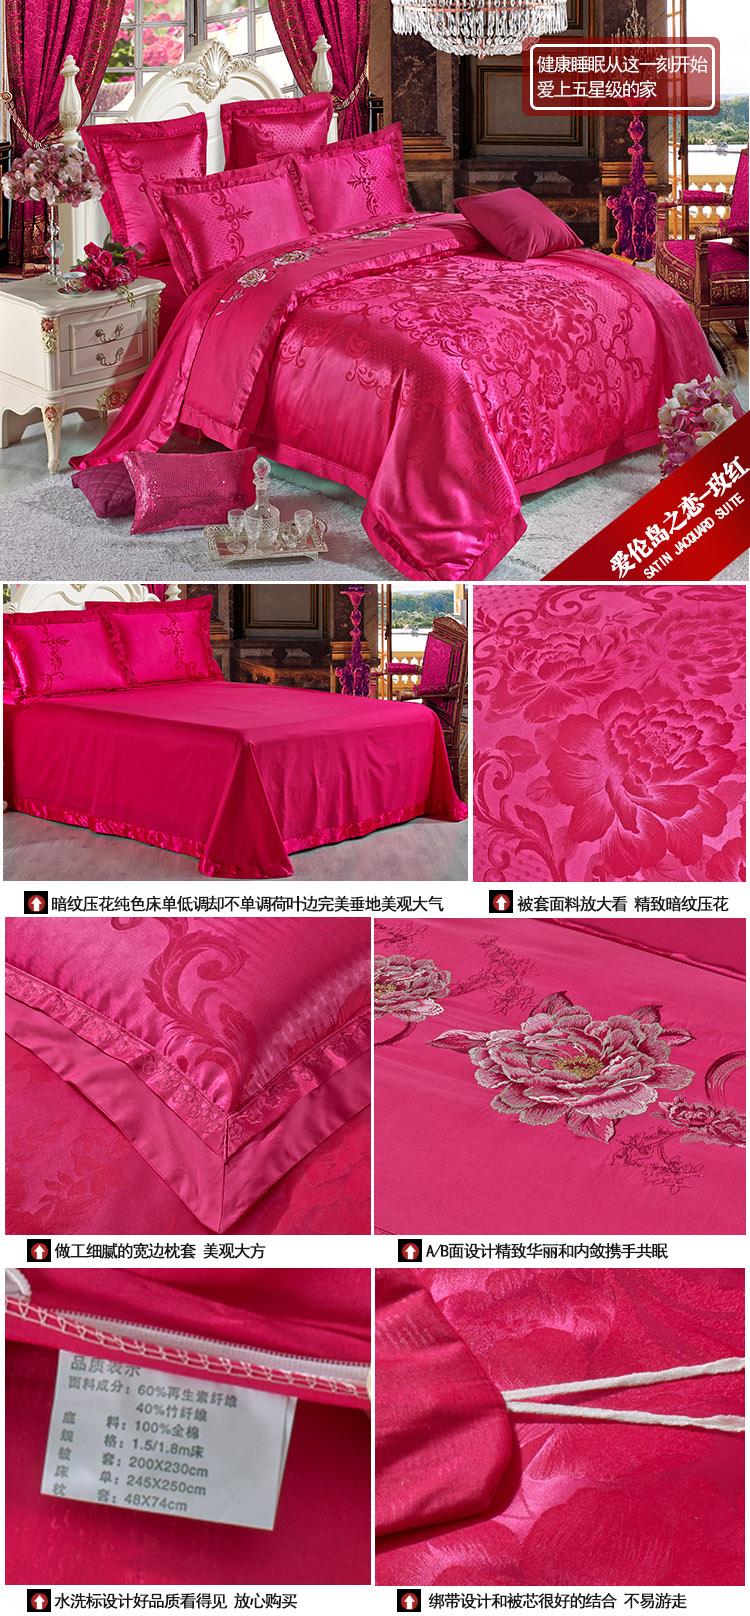 f217369b43277 الخيزران الألياف نسيج القطن الحرير الجاكار لحاف أربع مجموعات ورقة السرير  2.0 متر انخفاض في الصيف